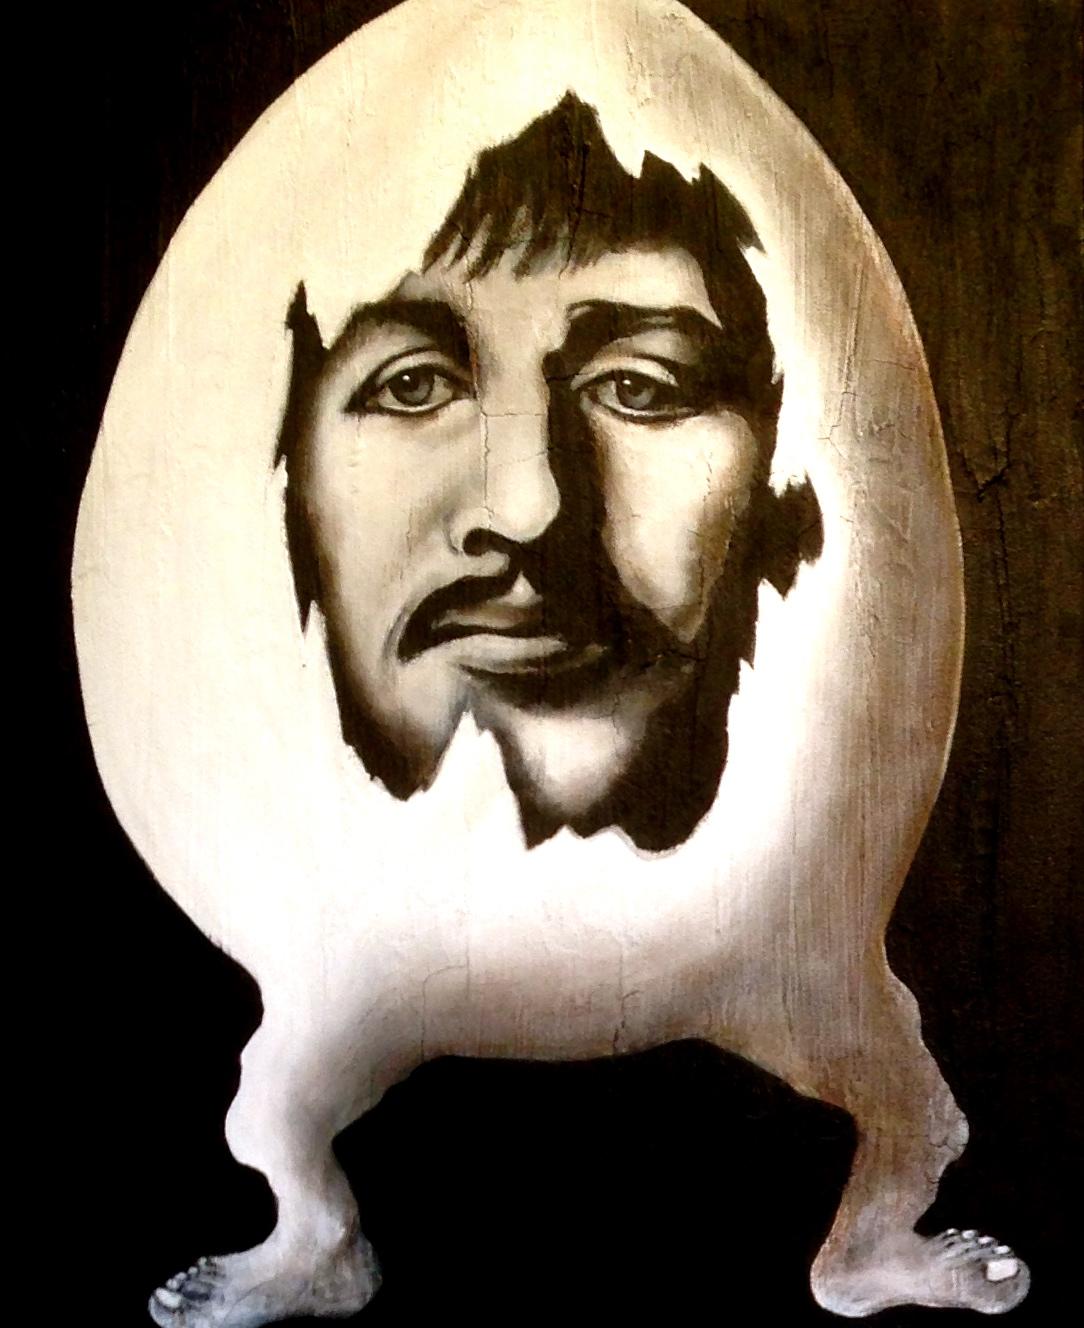 Ringo Starr Beatle Egg, 2016  Acrylic, oil texture medium on canvas